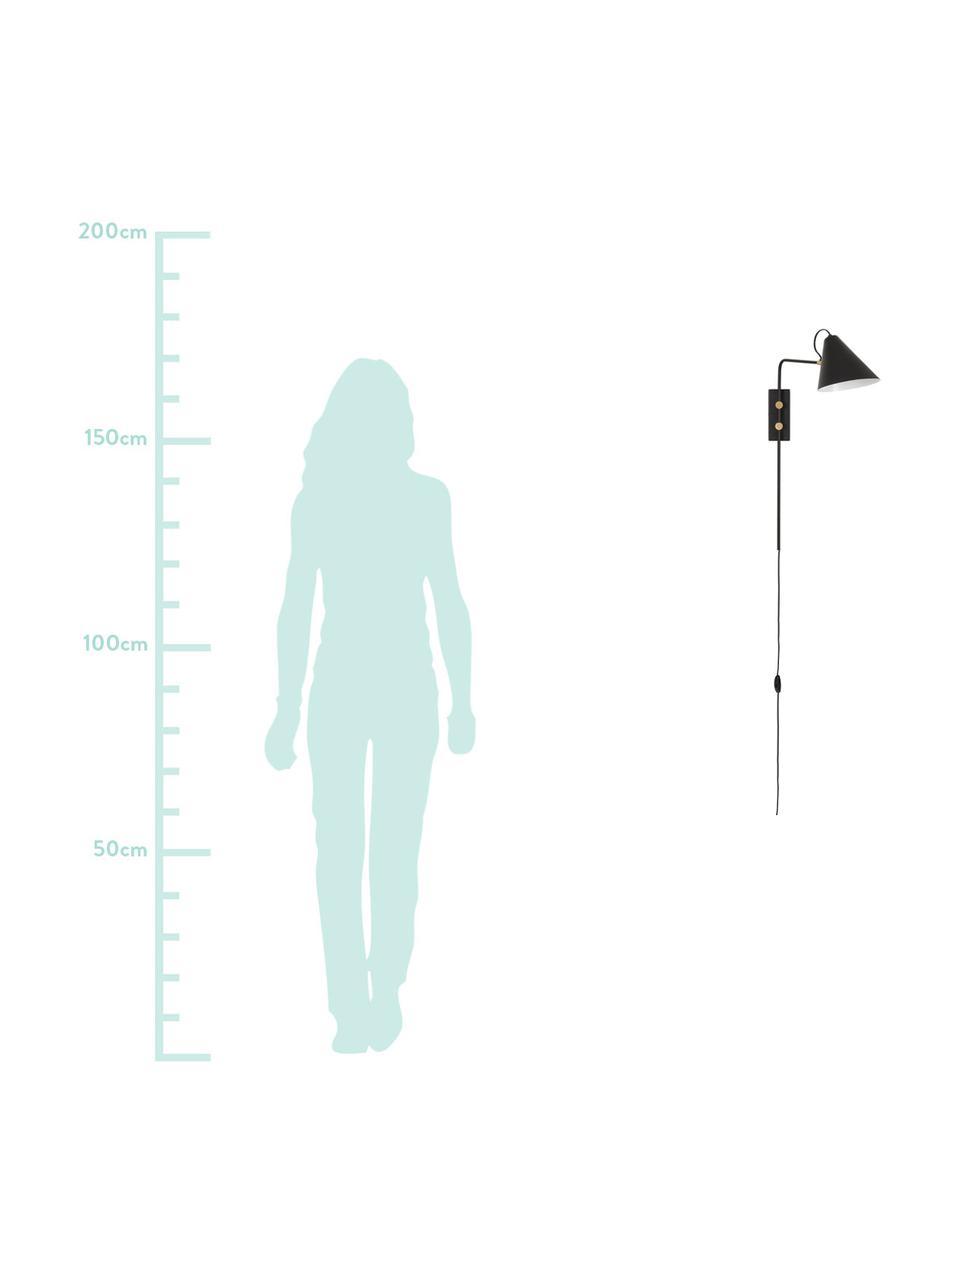 Wandleuchte Club mit Stecker, Lampenschirm: Eisen, pulverbeschichtet, Dekor: Metall, vermessigt, Leuchte: Schwarz<br>Details: Messing, 20 x 62 cm